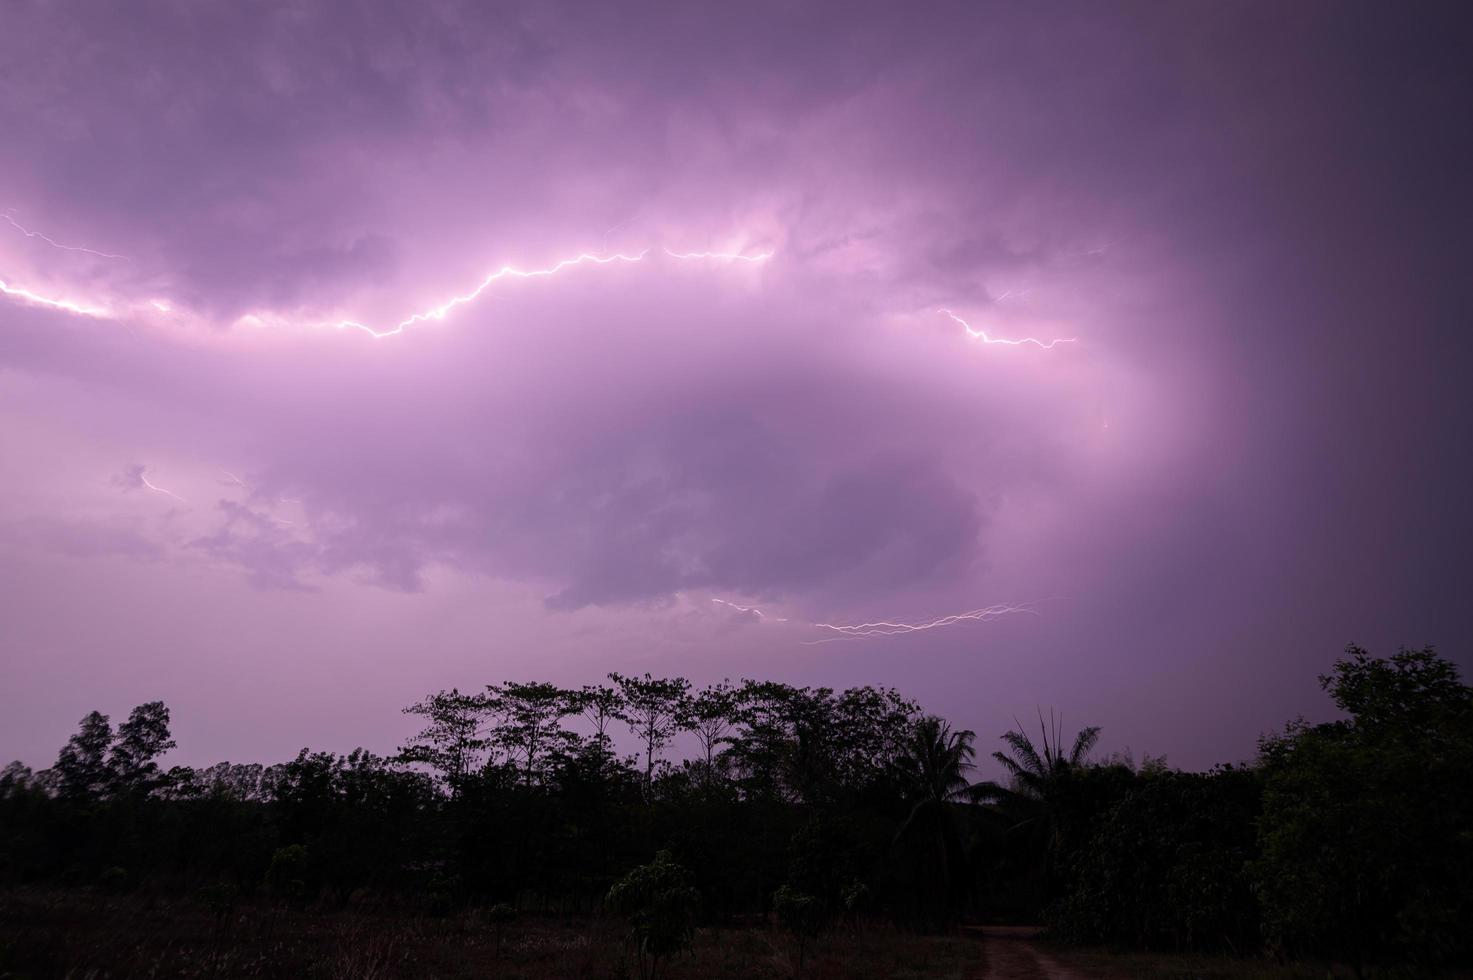 la foudre dans le ciel la nuit photo